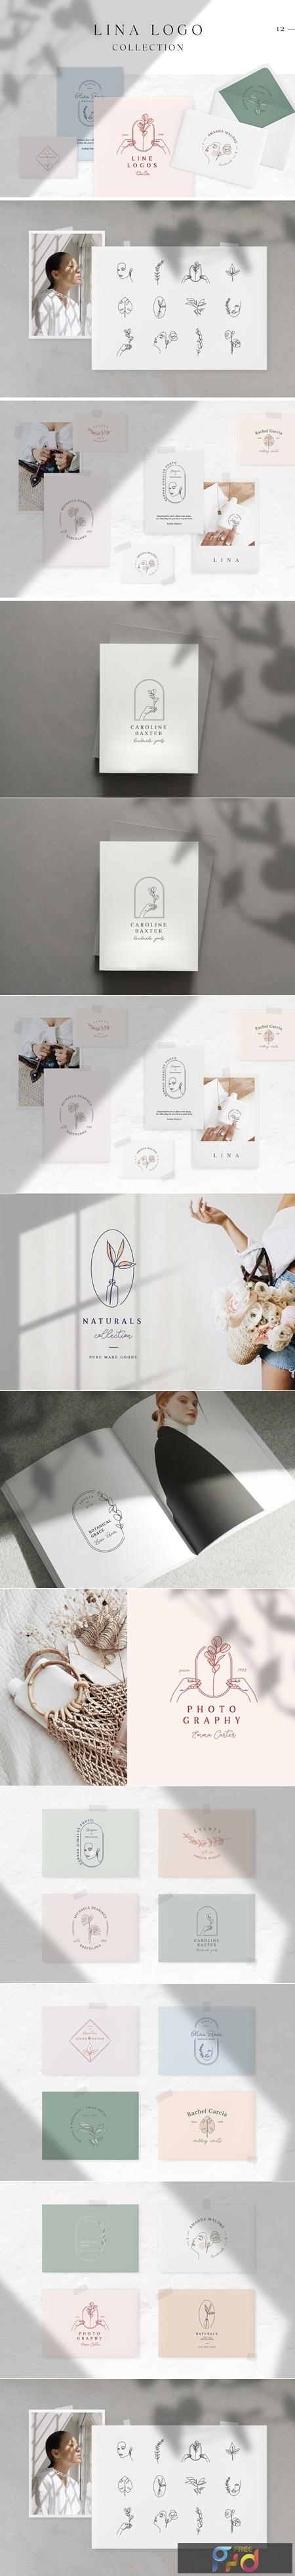 Lina Logo Collection 3805245 1